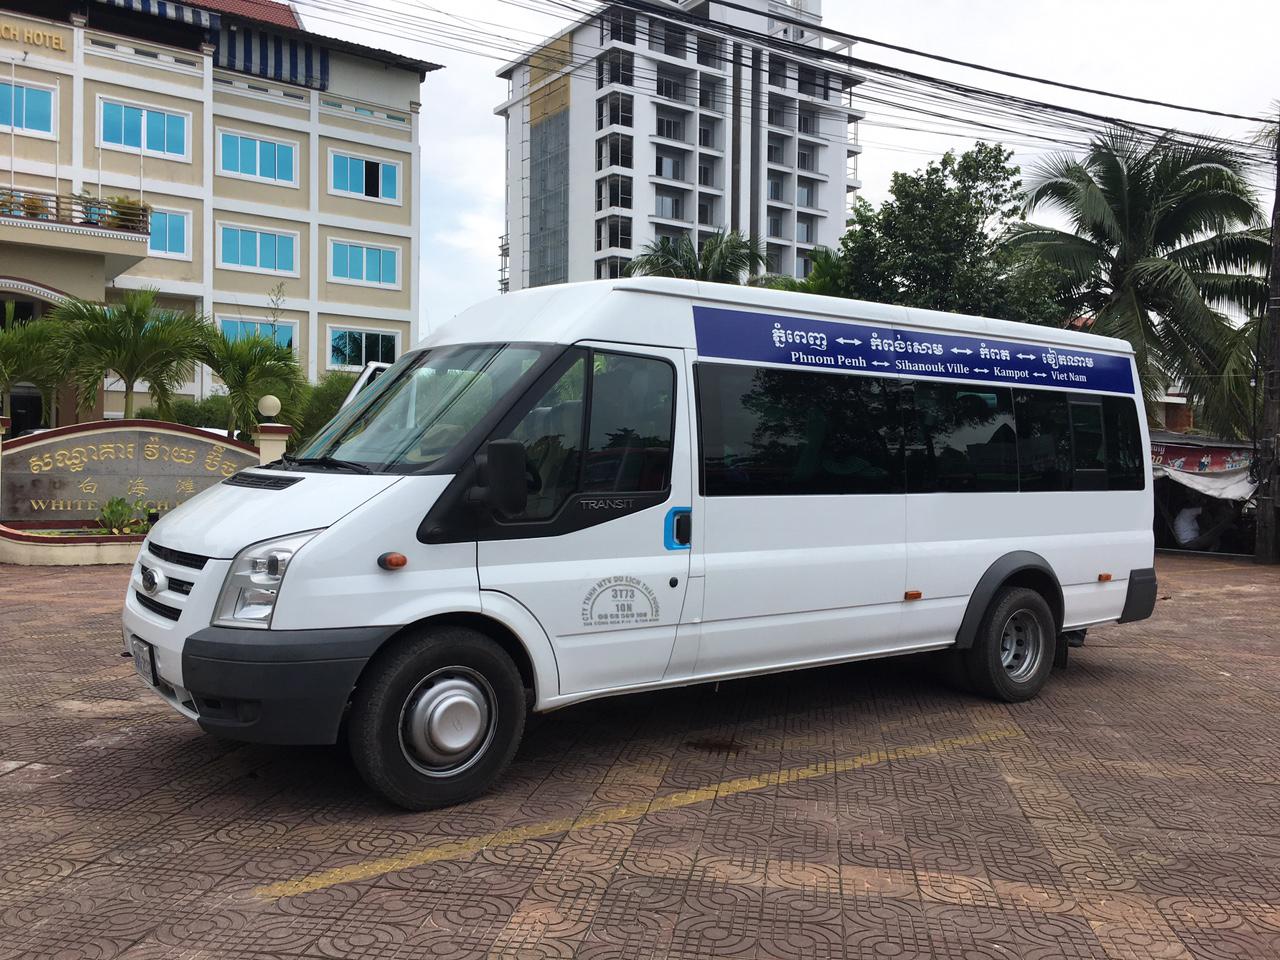 xe tdha tien di sihanoukville - Combo tàu xe khứ hồi từ Hà Tiên đến đảo Koh Rong Samloem hoặc Koh Rong